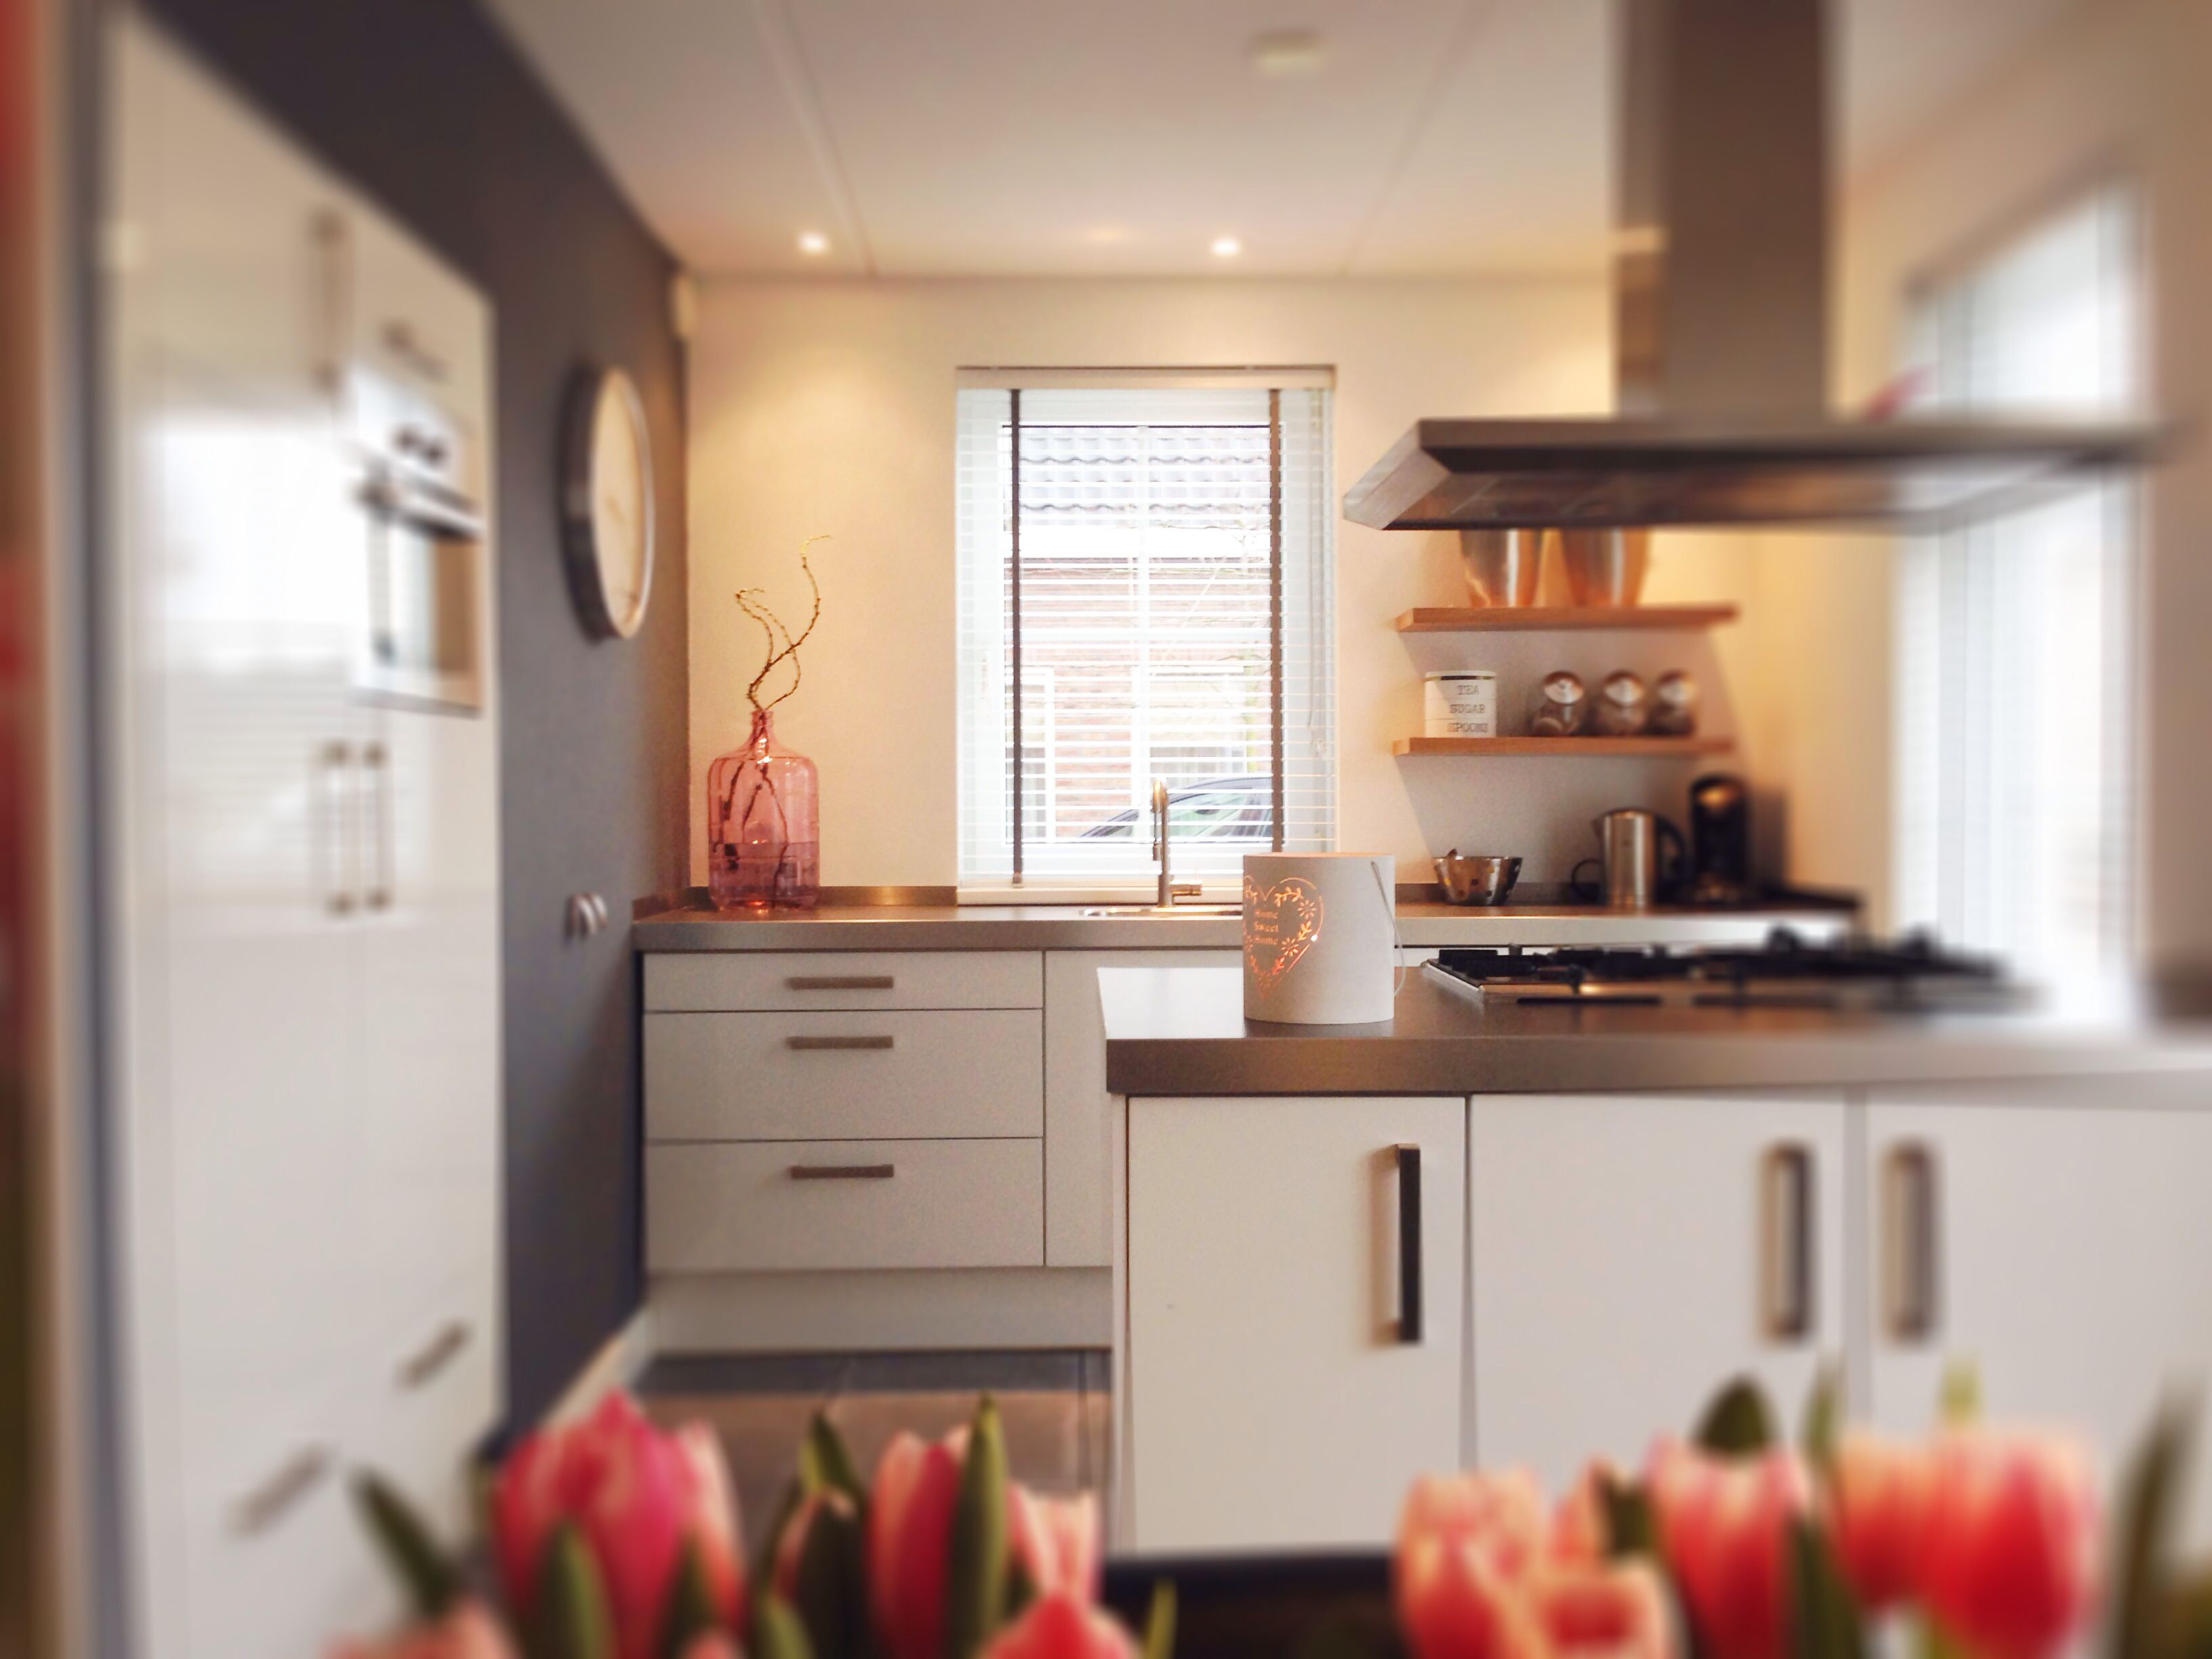 Keuken voor eigen huis pinterest - Credenza voor keuken ...